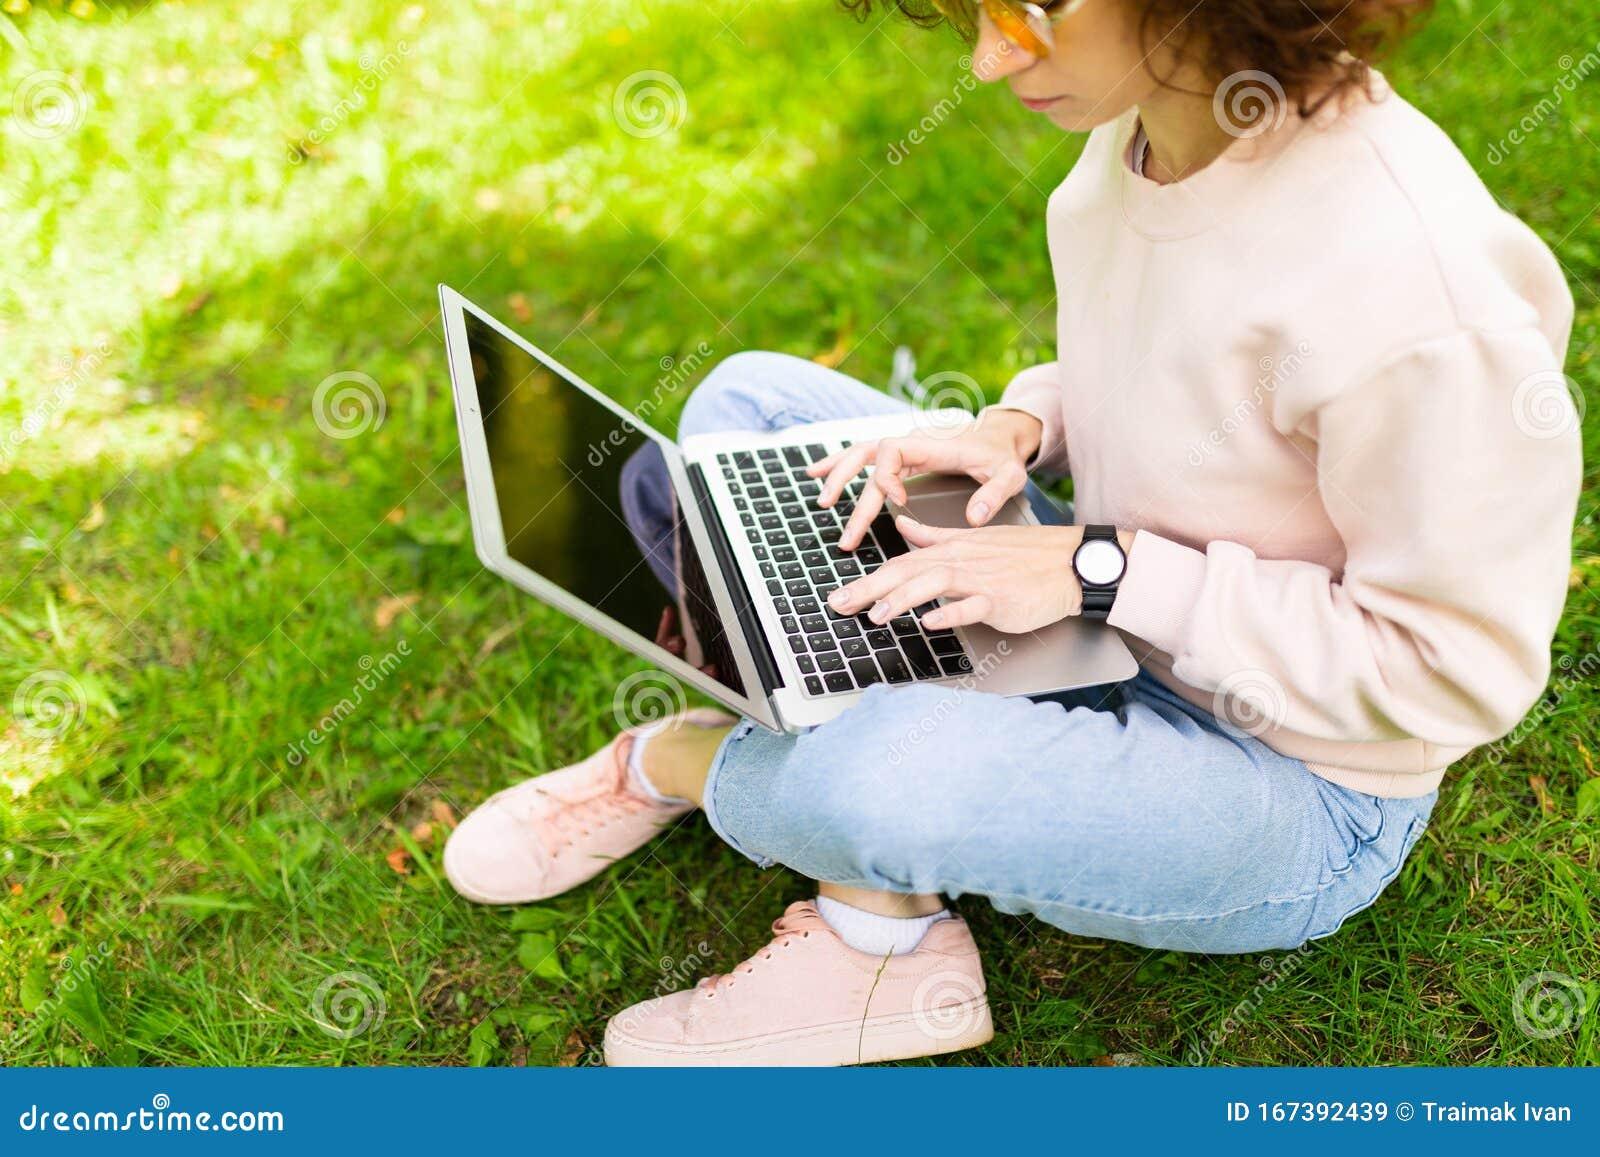 Девушка модель клавиатуры для работы модельное агенство чёрмоз